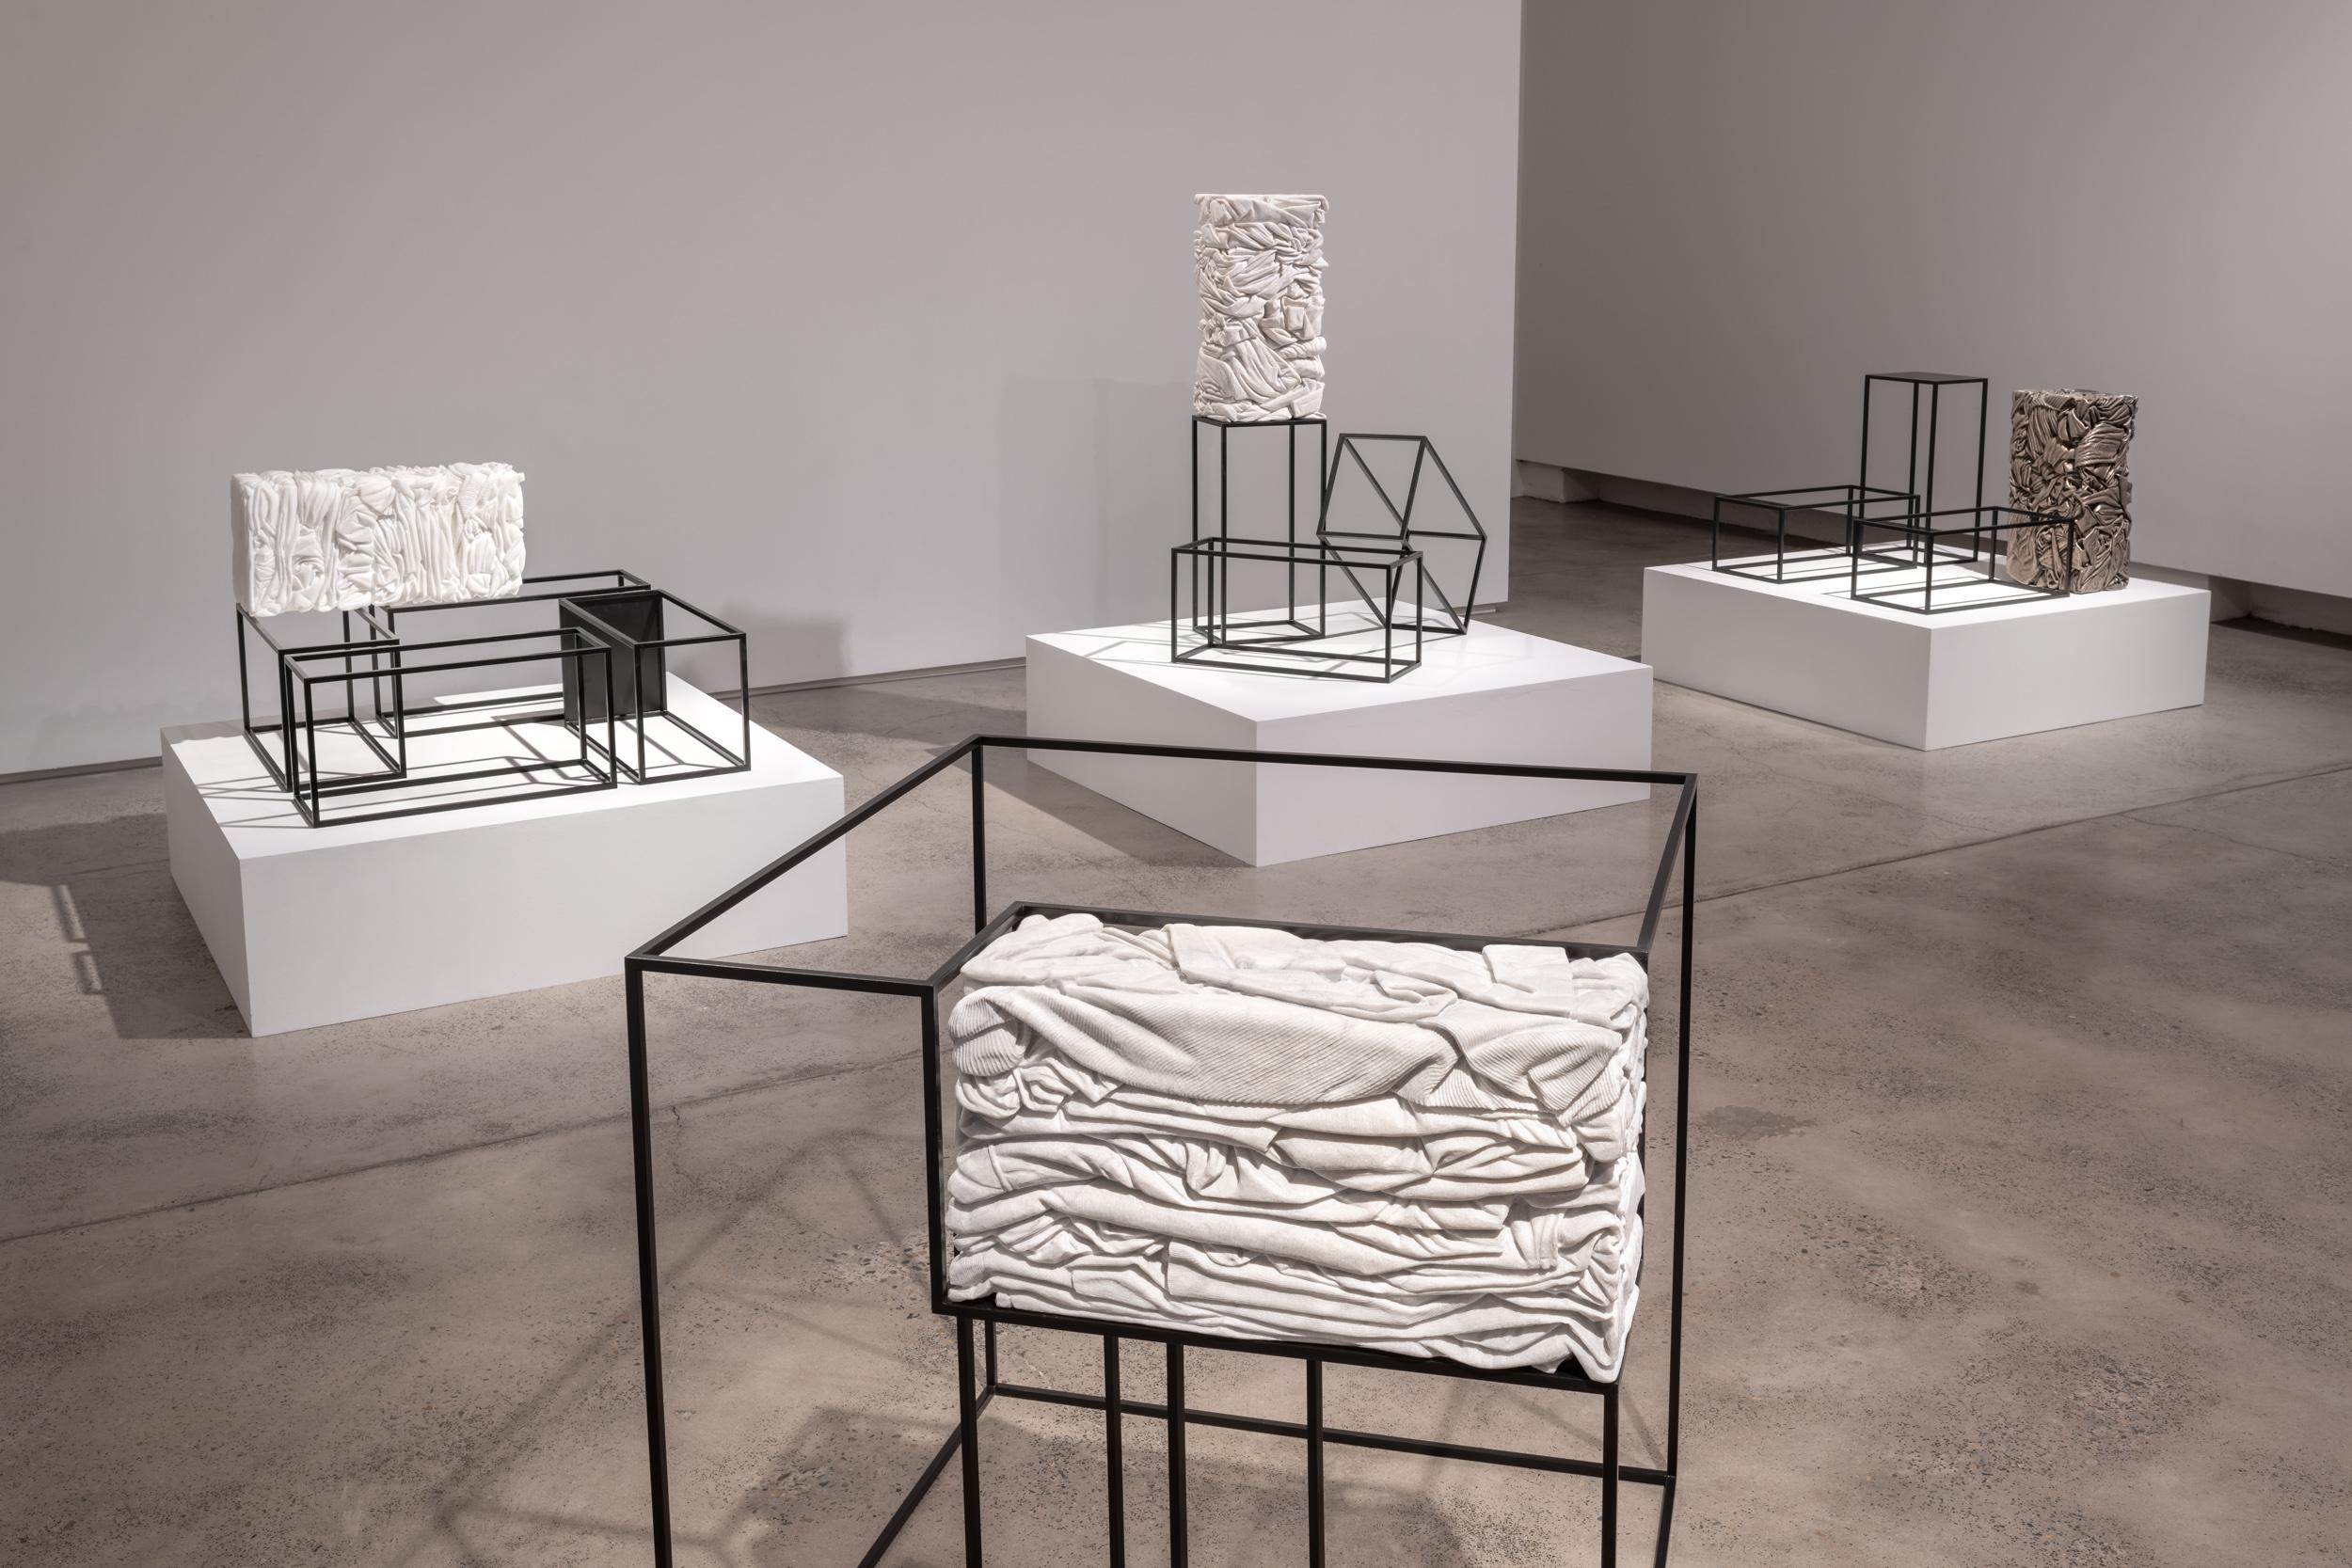 Alex Seton_Cargo_2018_Installation_006.jpg